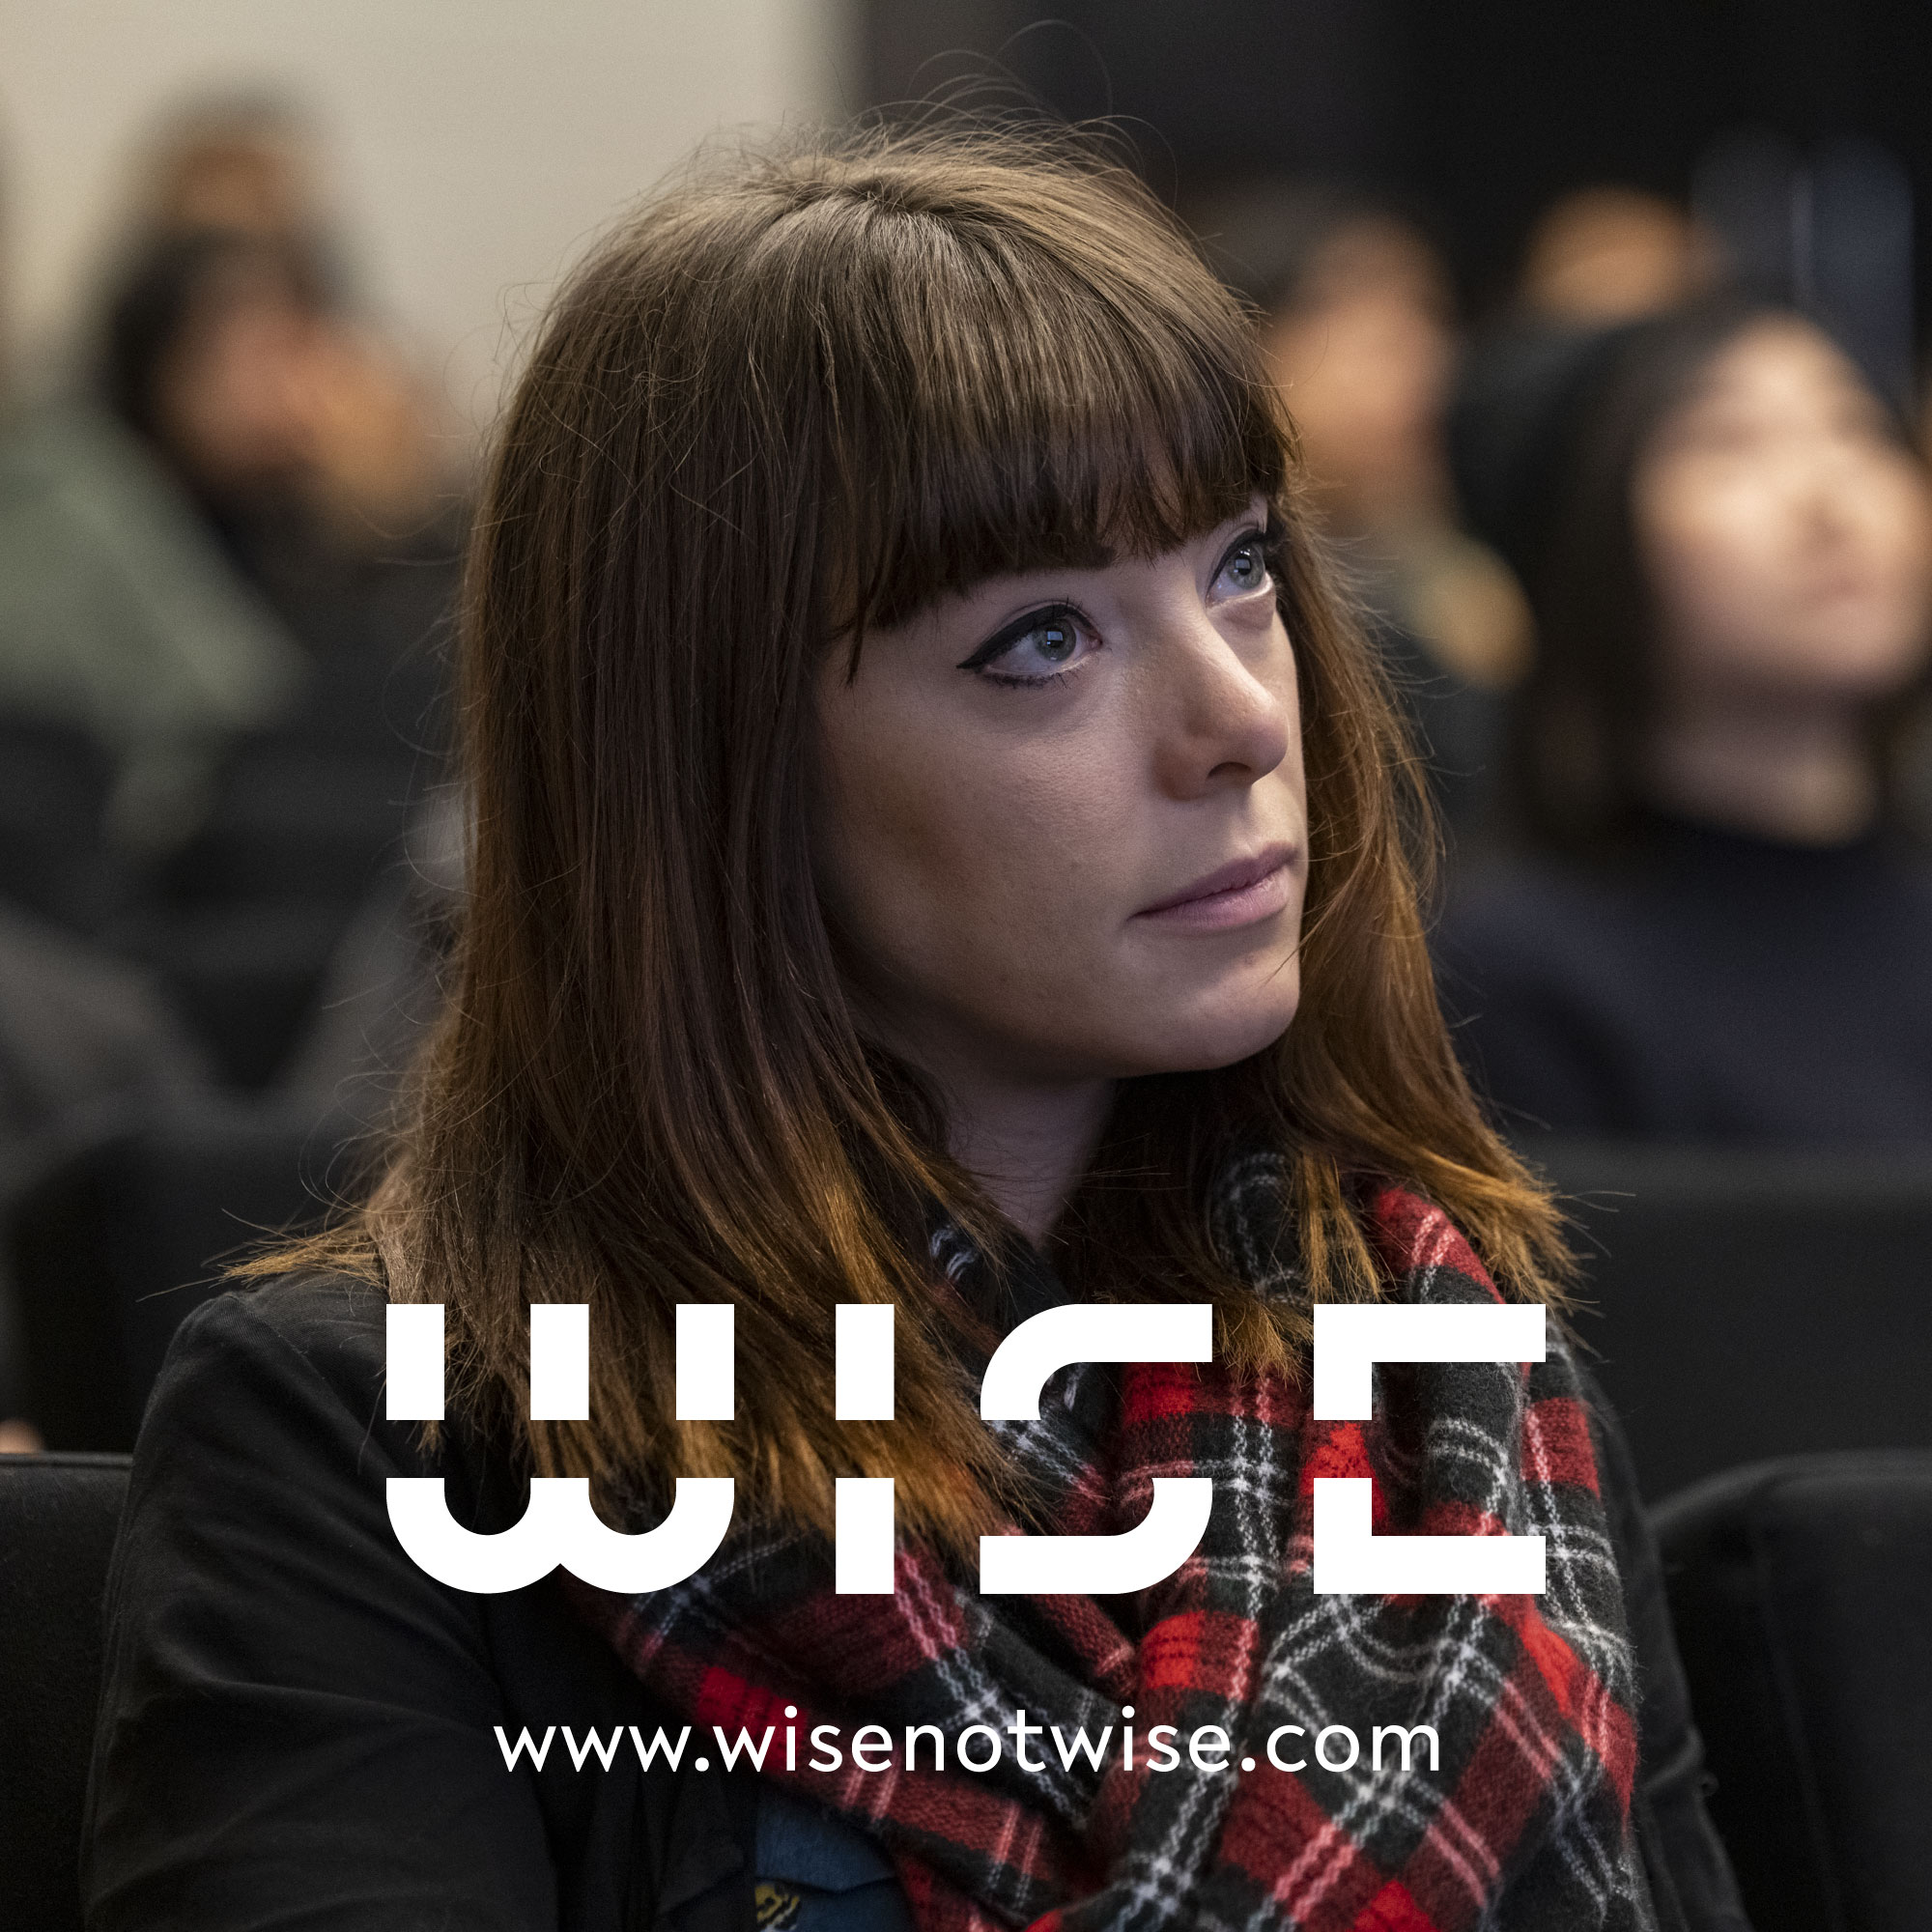 WISE_DOCU_LOGO_2018_27.jpg